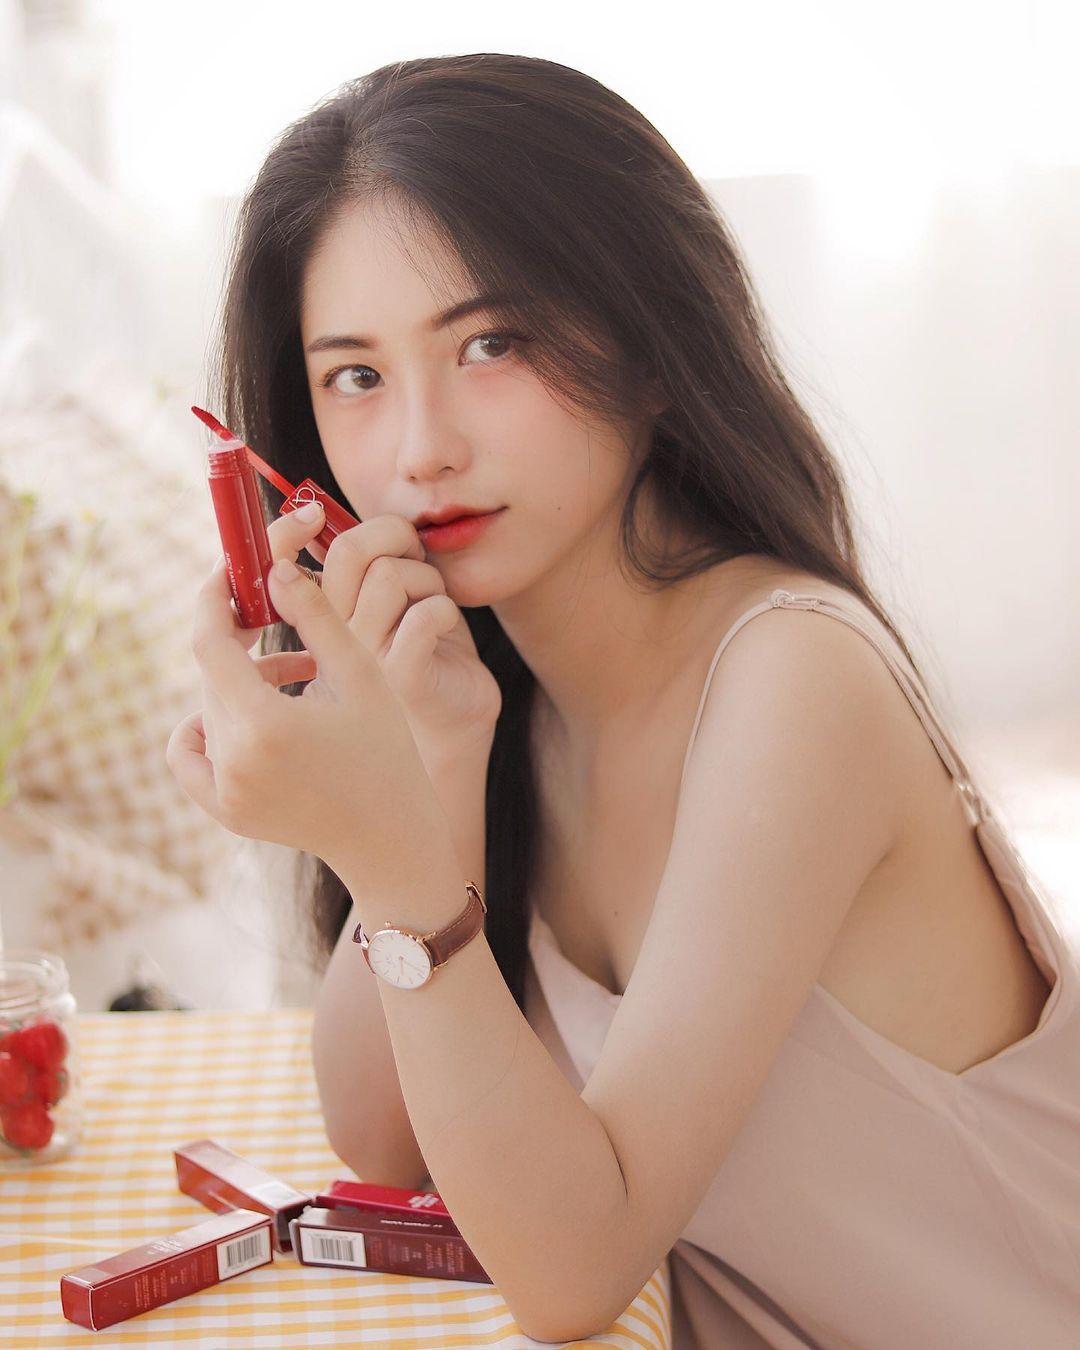 天菜越南妹「Kim Anh」迷蒙眼神仿佛随时在放电空灵气质更是无比疗愈人心 养眼图片 第26张